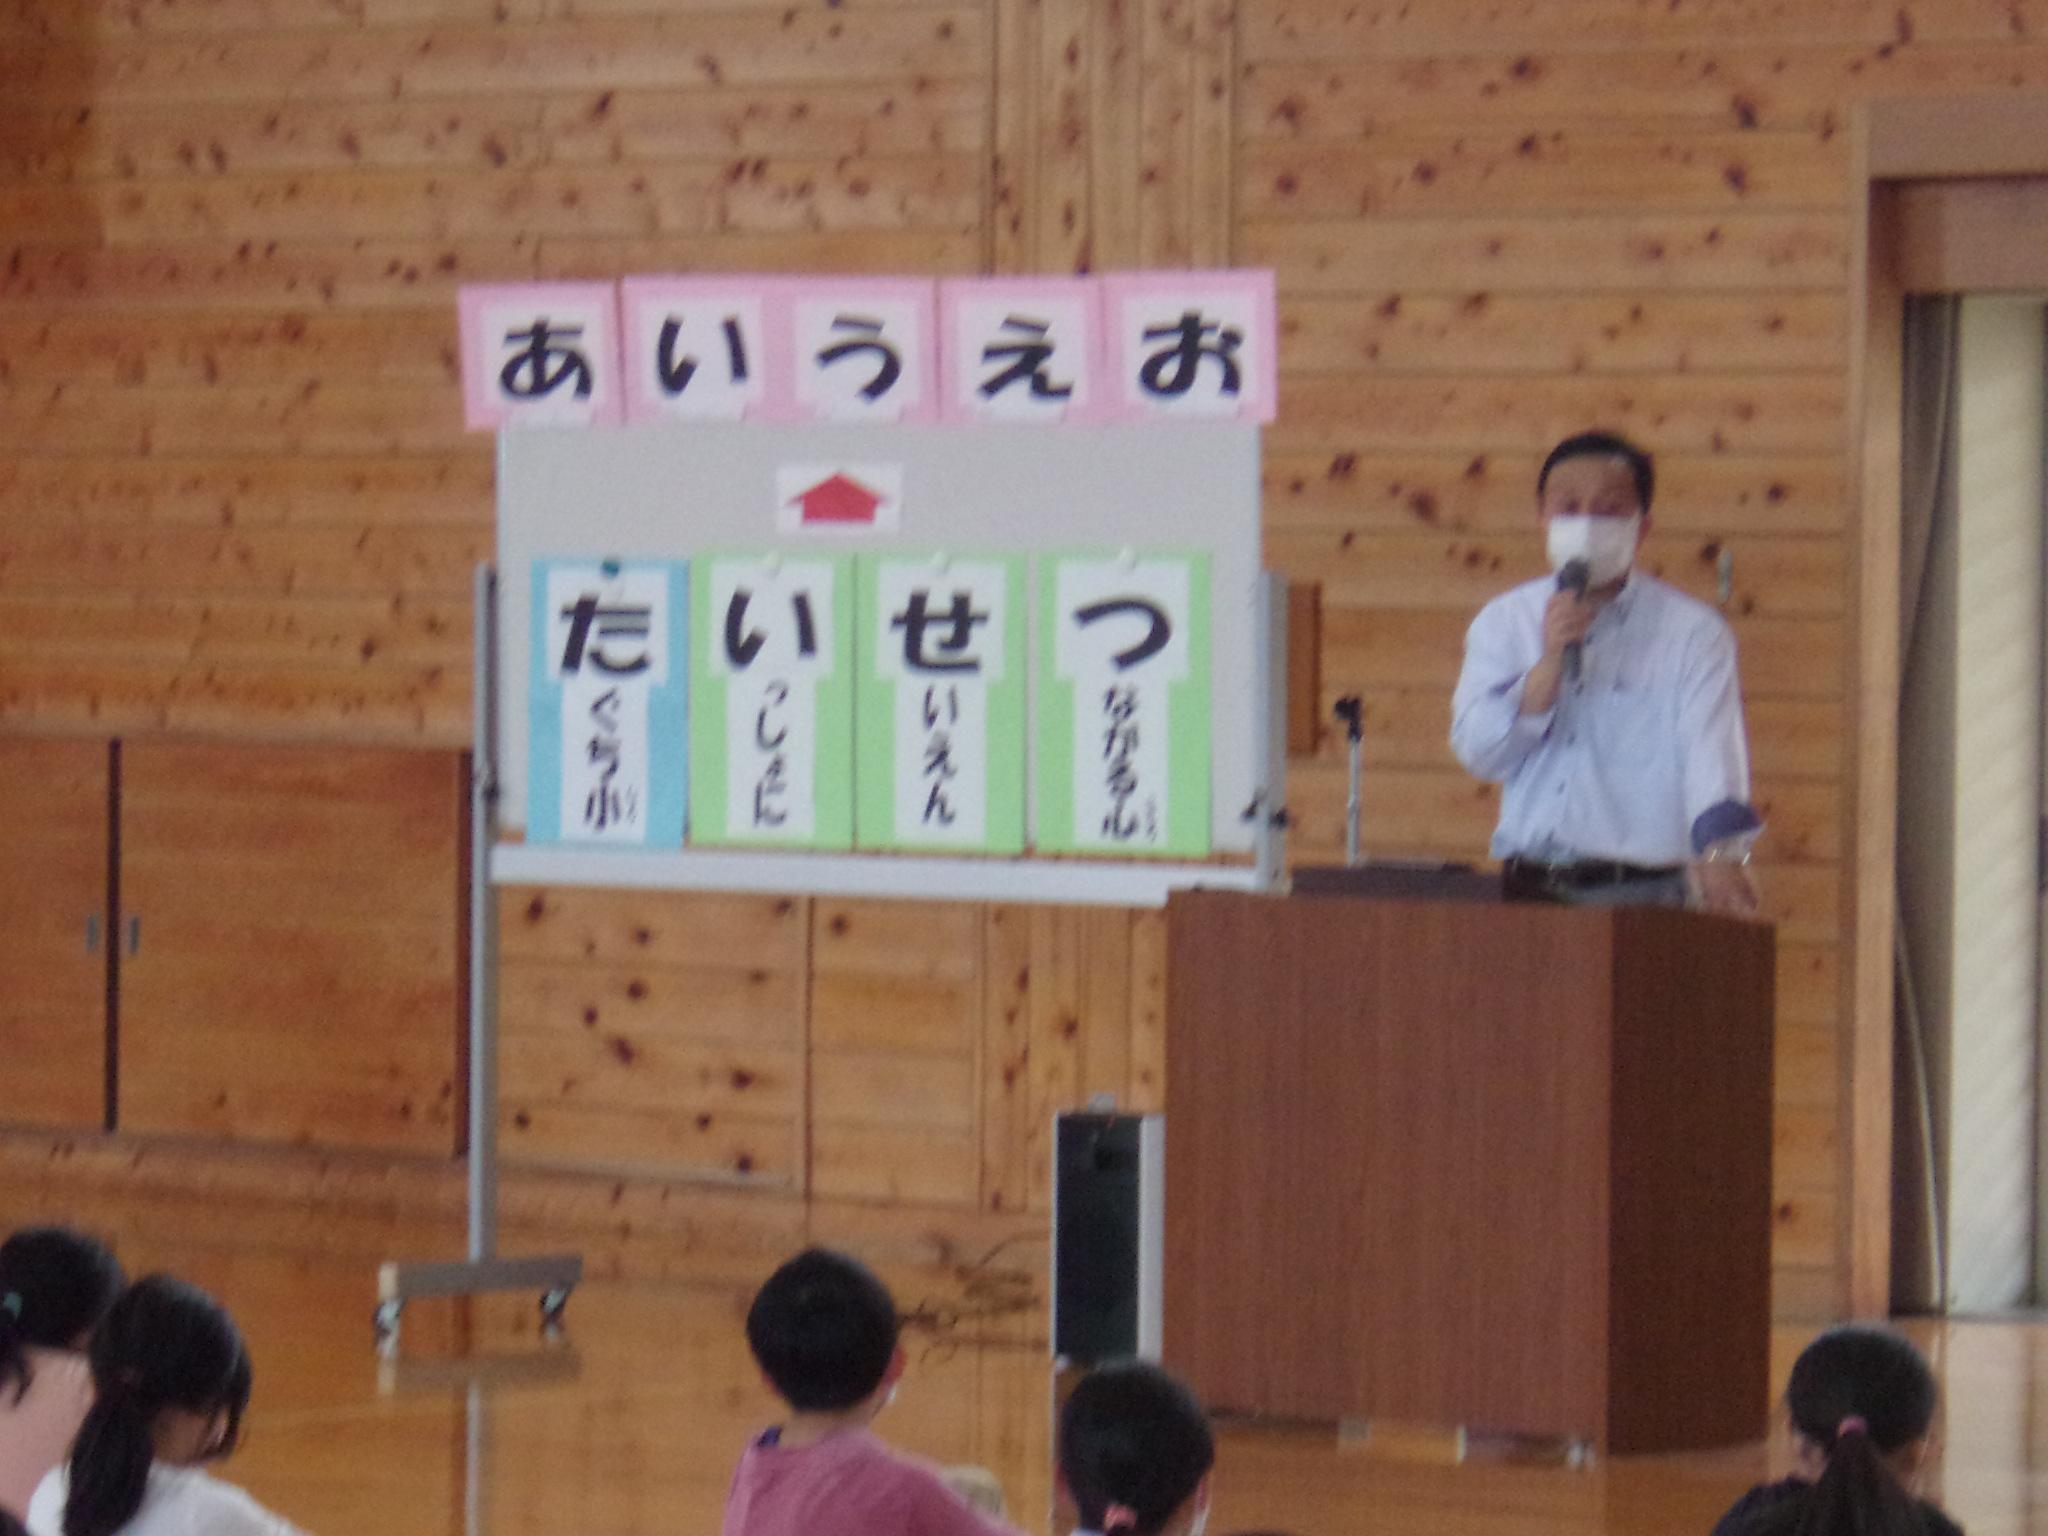 http://www.kitashitara.jp/taguchi-el/103_0499.JPG